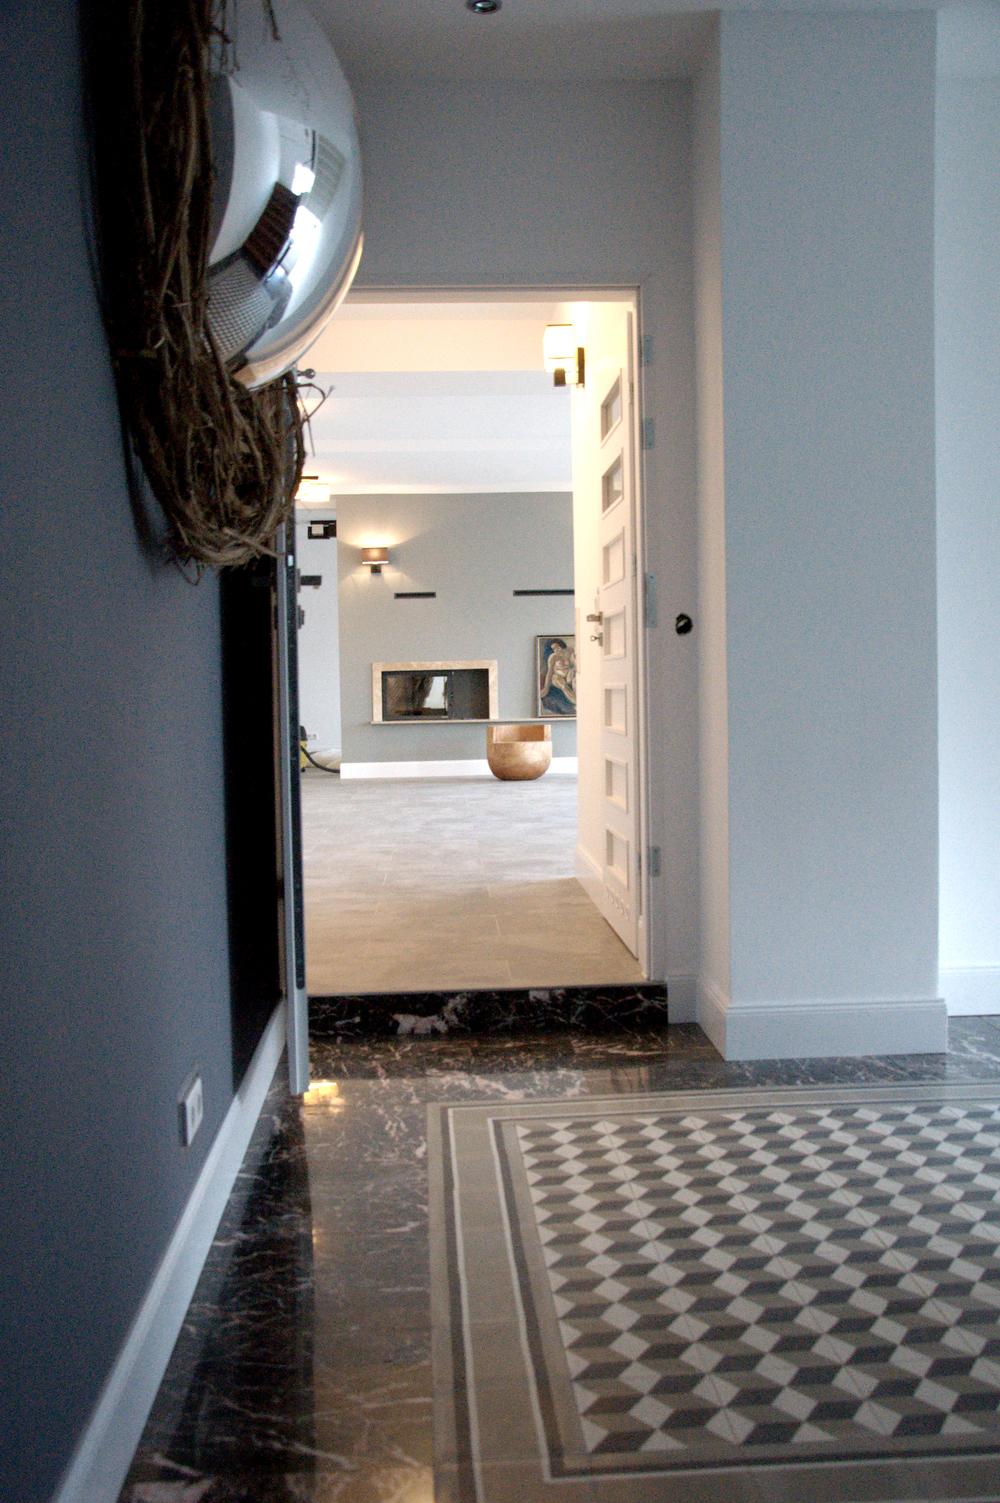 Eingang zum Design Loft mit Zementfliesen und Marmor